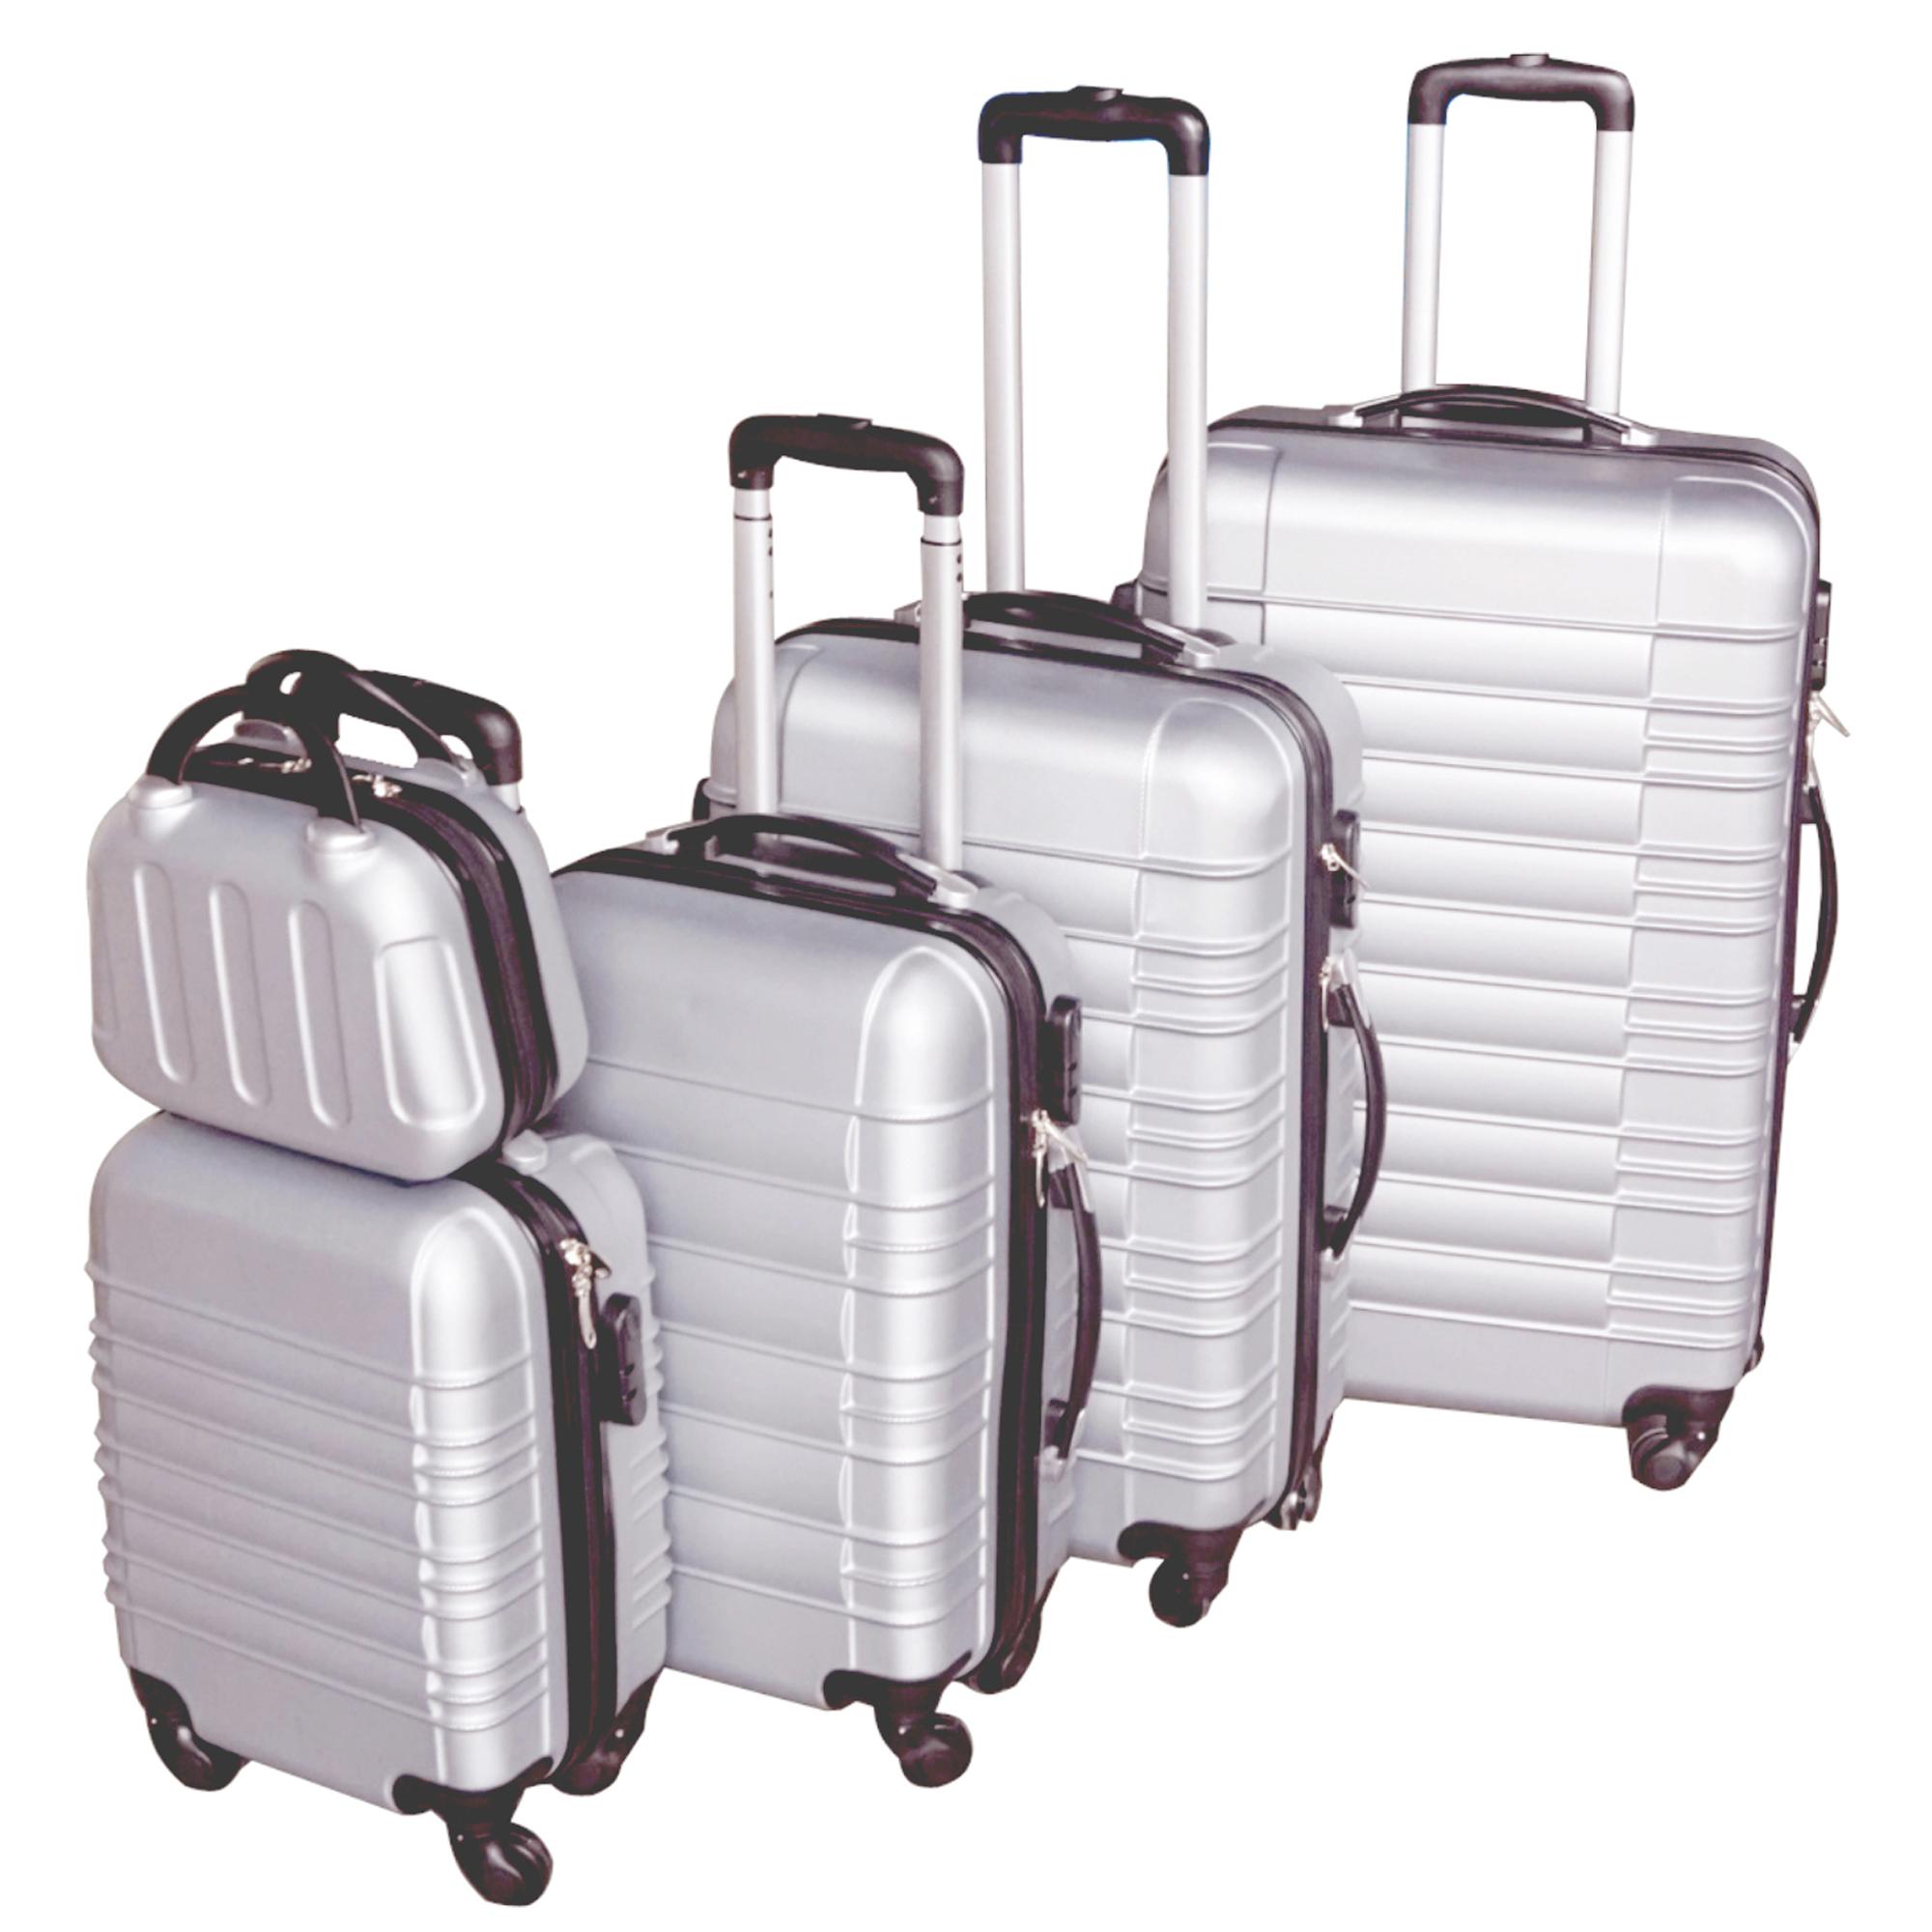 5 teiliges Koffer Set Hartschalenkoffer in 5 Farben - 36